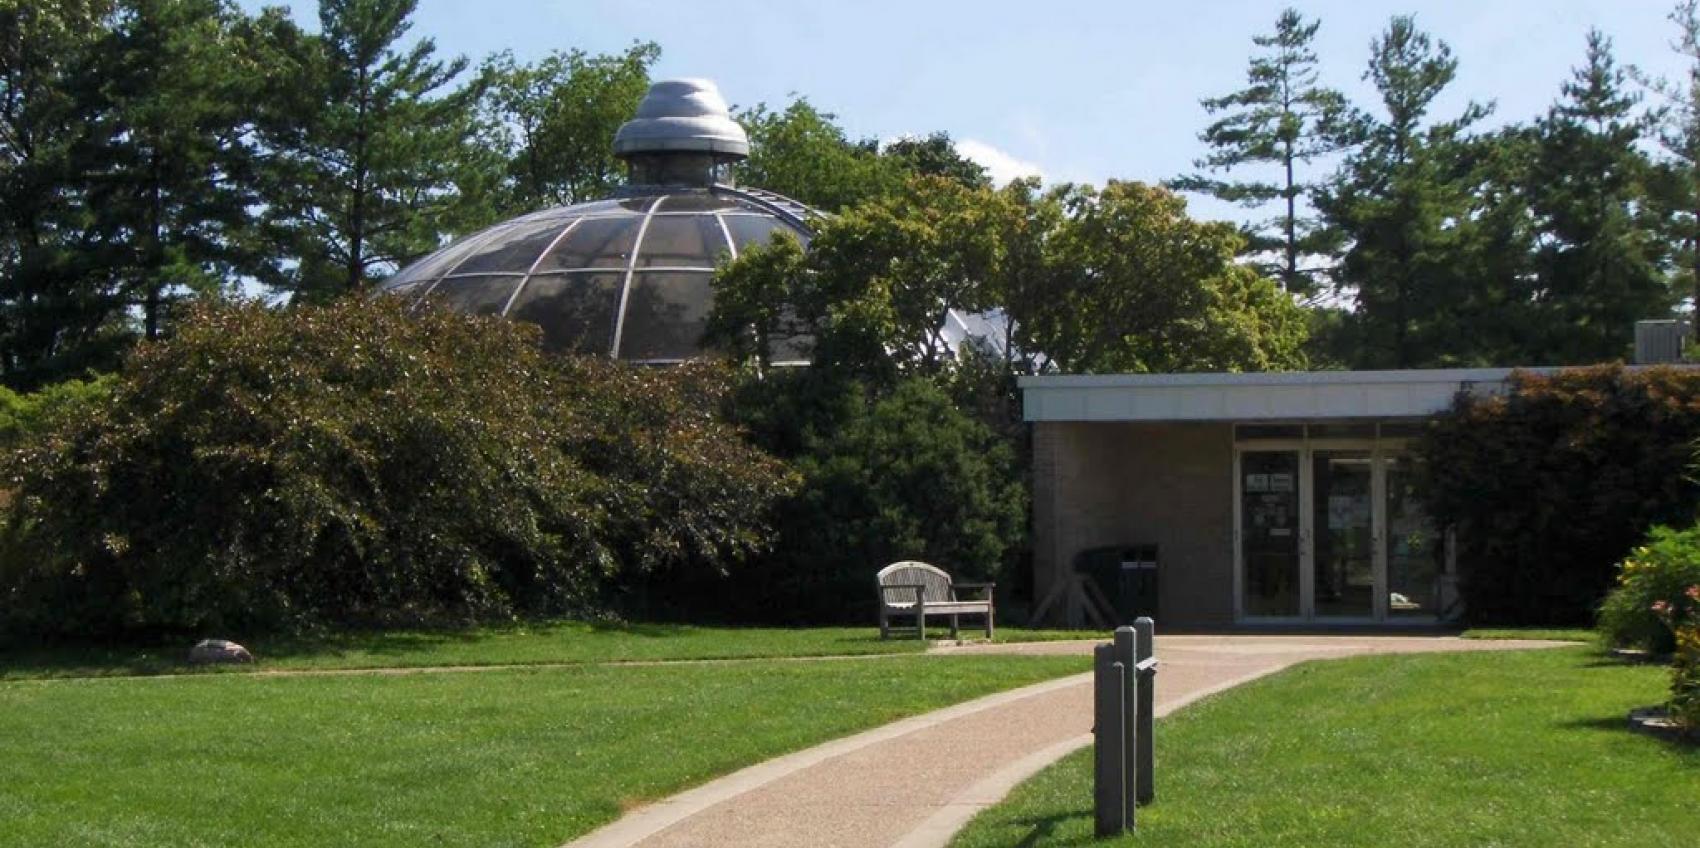 Washington Park Botanical Garden American Public Gardens Association